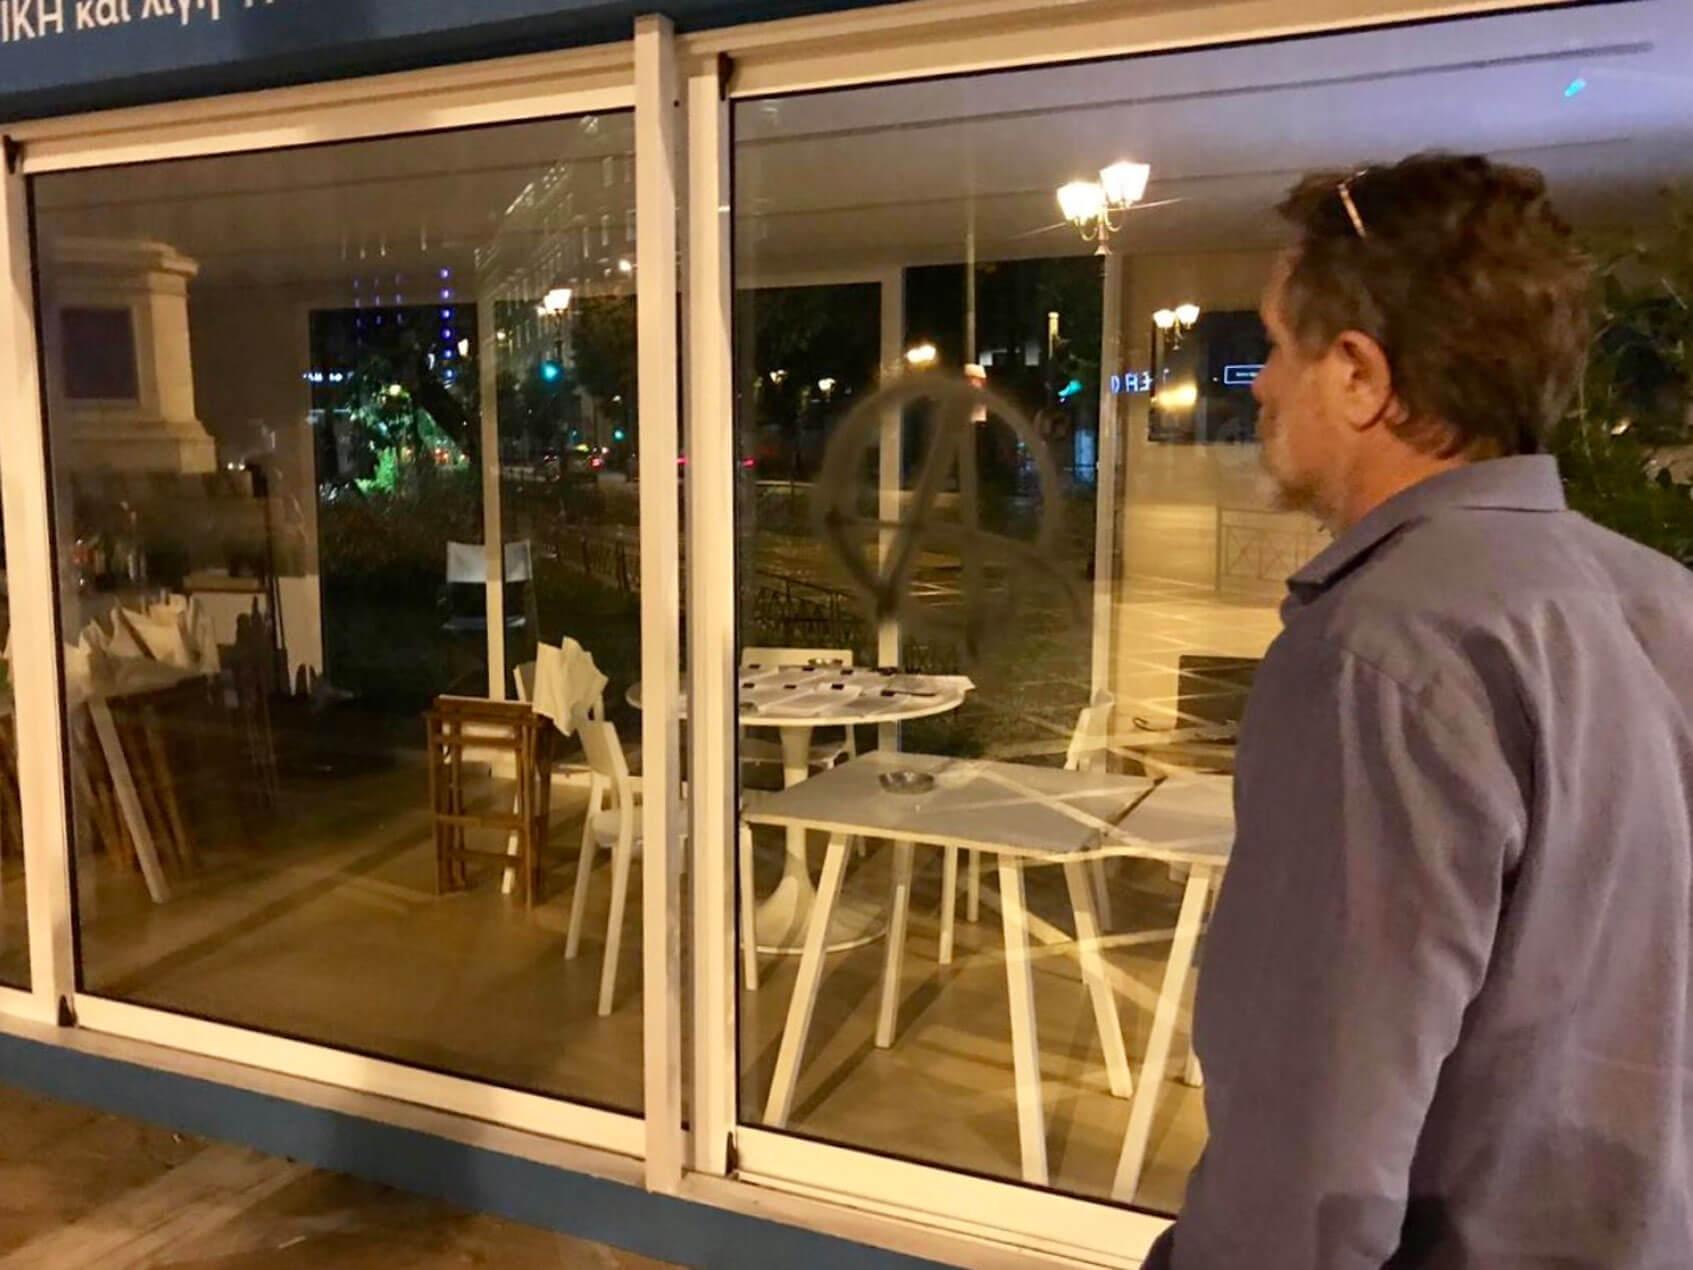 Εκλογές 2019: Η στιγμή του βανδαλισμού στο περίπτερο Μπακογιάννη – Επί τόπου Γερουλάνος – Ηλιόπουλος